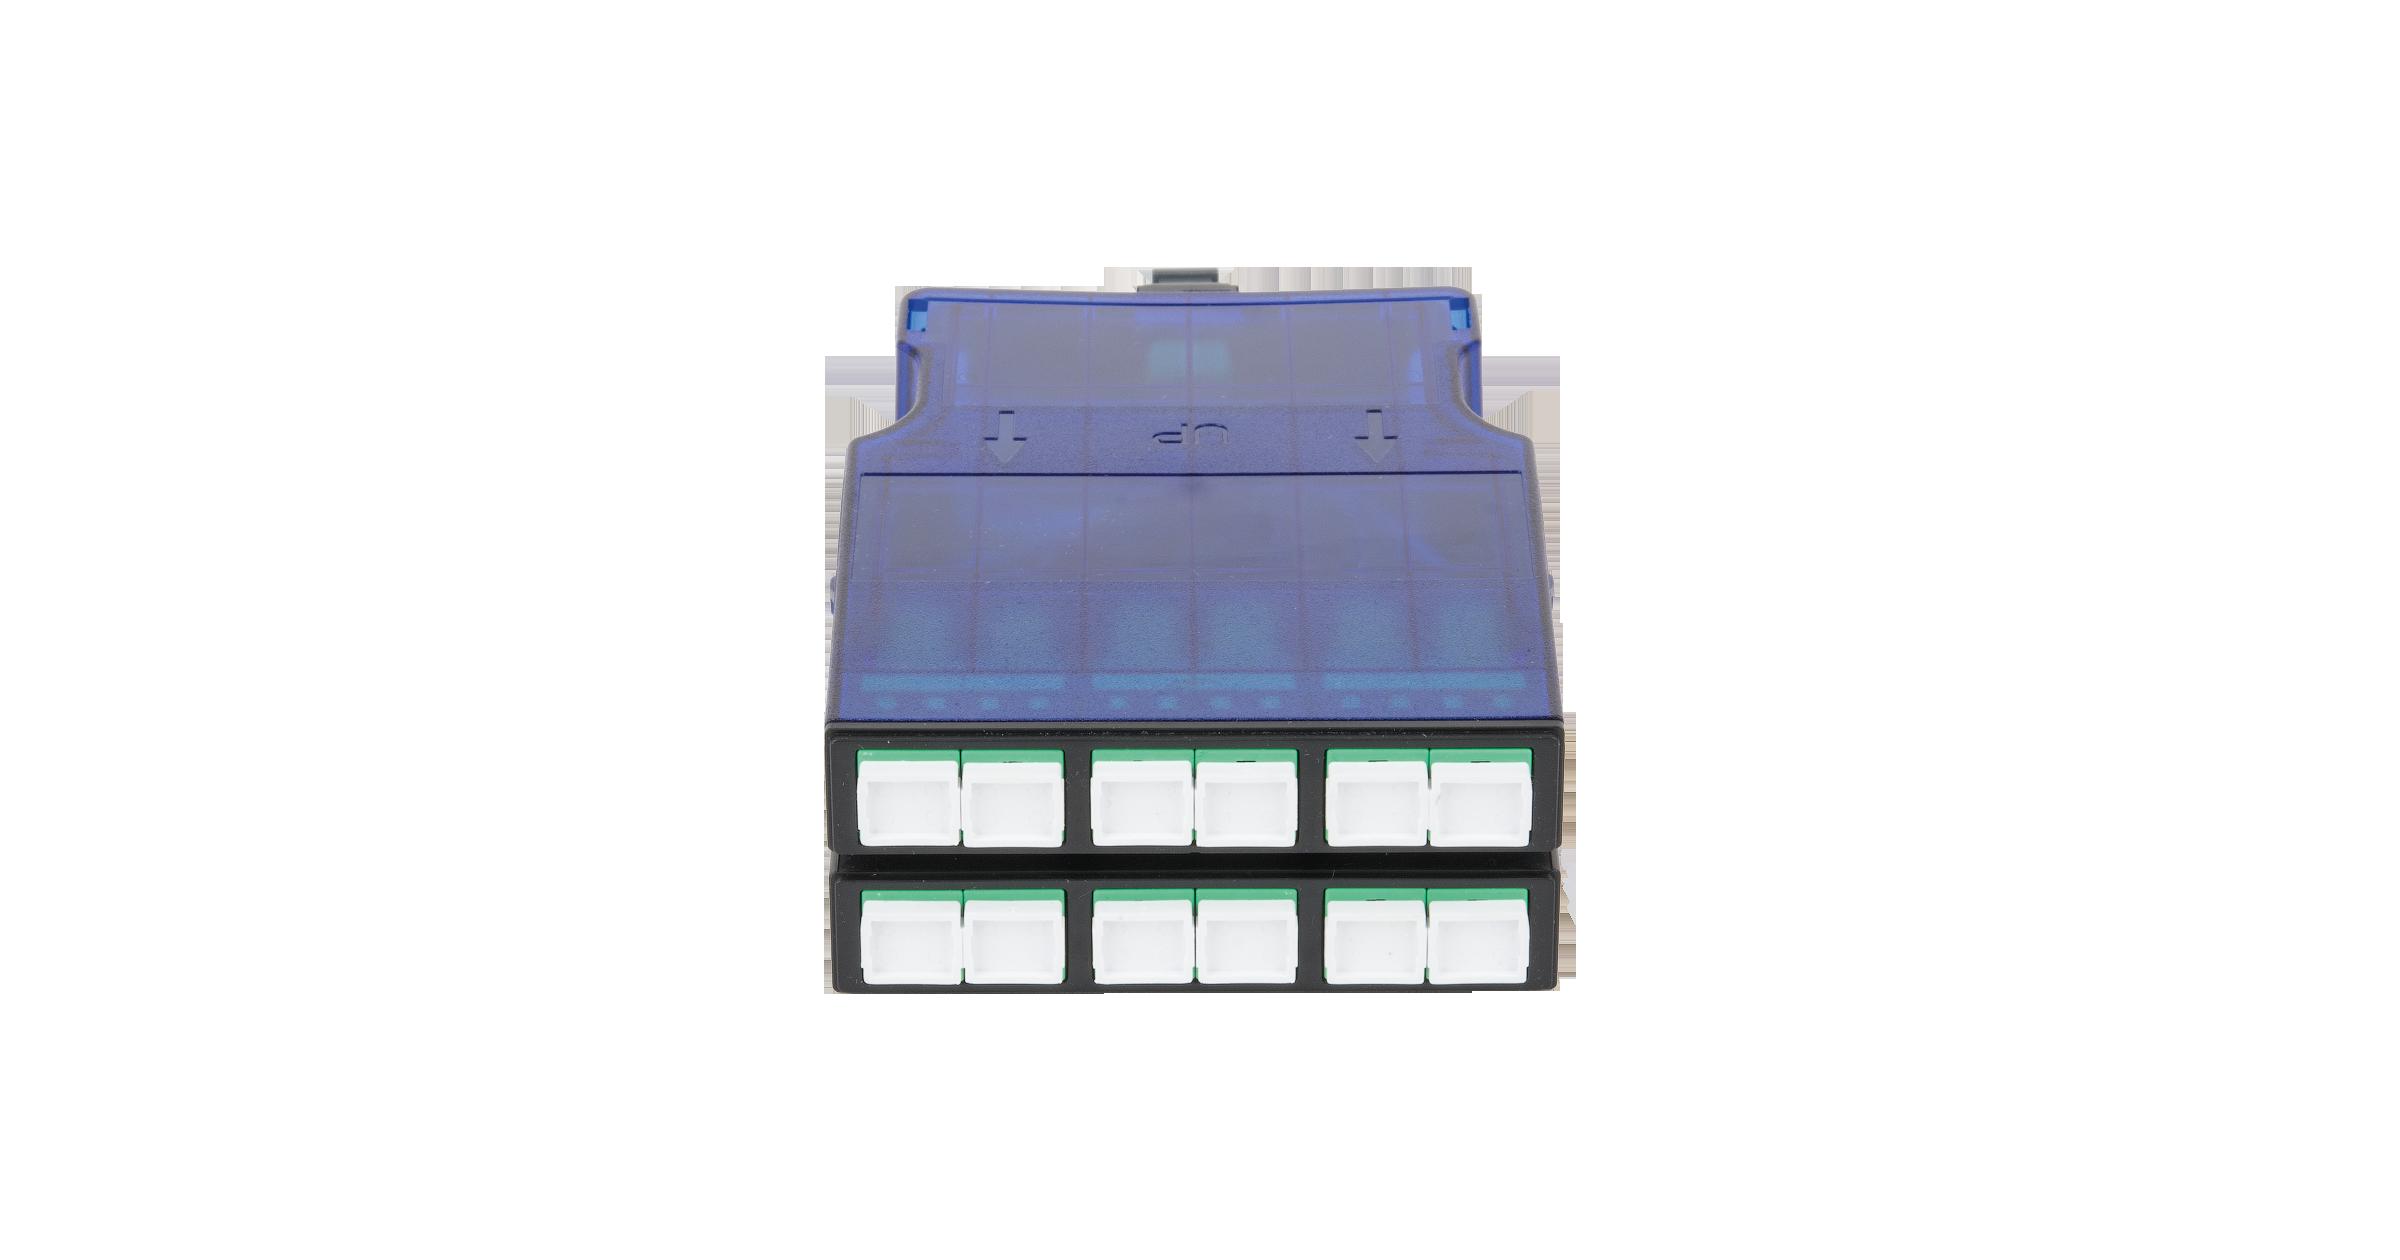 Кассета NIKOMAX волоконно-оптическая, для панели серии CJ, 2 слота, одномодовая 9/125 мкм, стандарта OS2, 1x MTP/male - 12x SC/APC, поляризация А, премиум